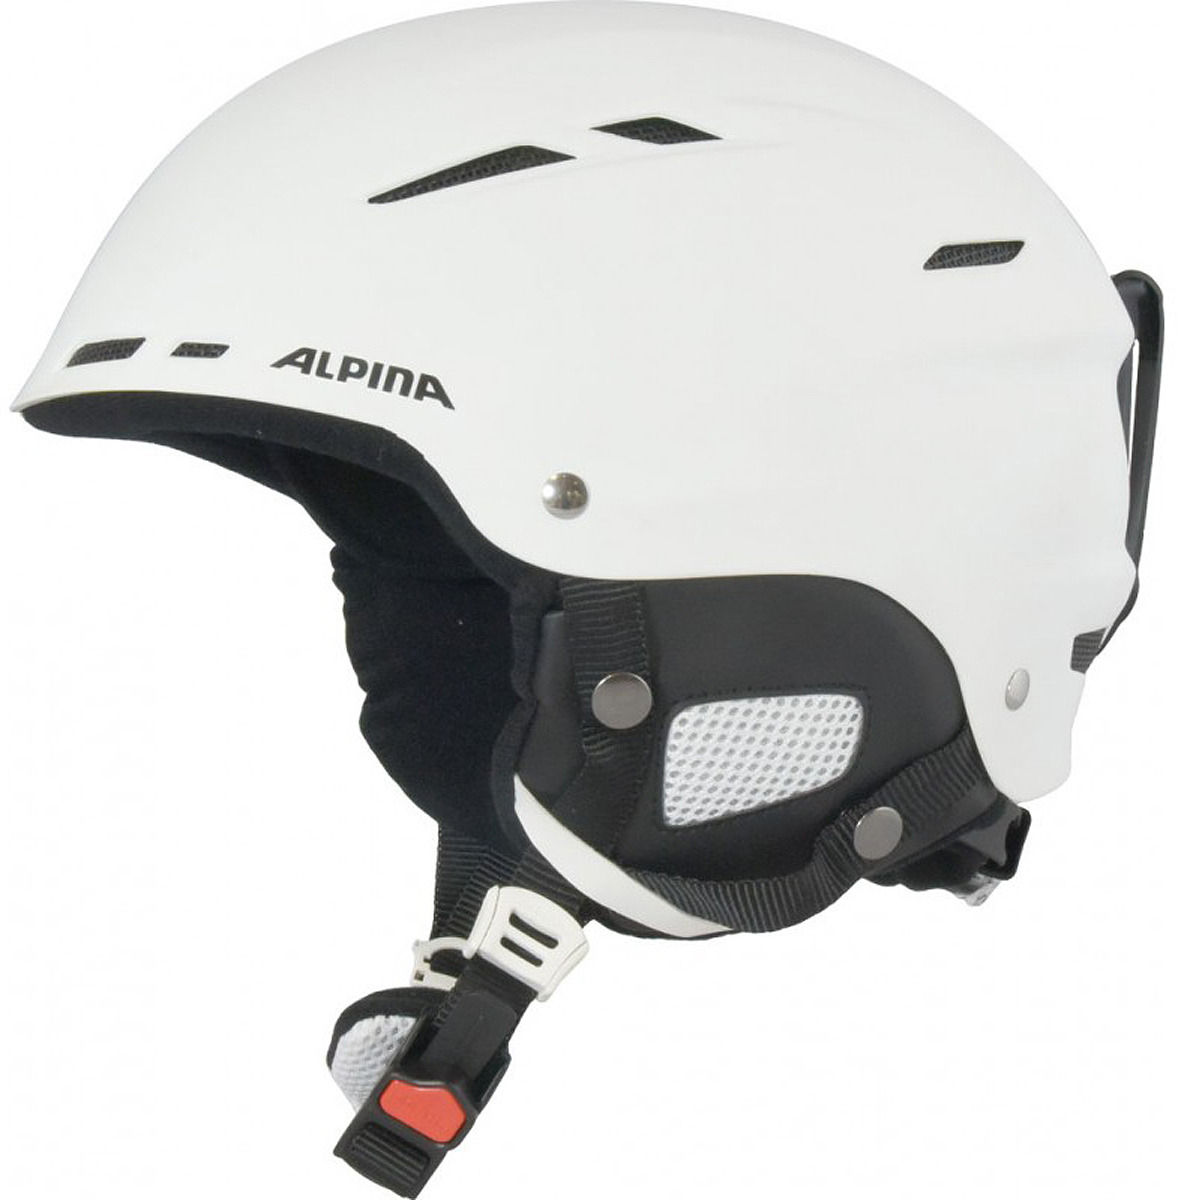 Шлем горнолыжный зимний Alpina Biom, цвет: белый, черный. Размер 54-58 см